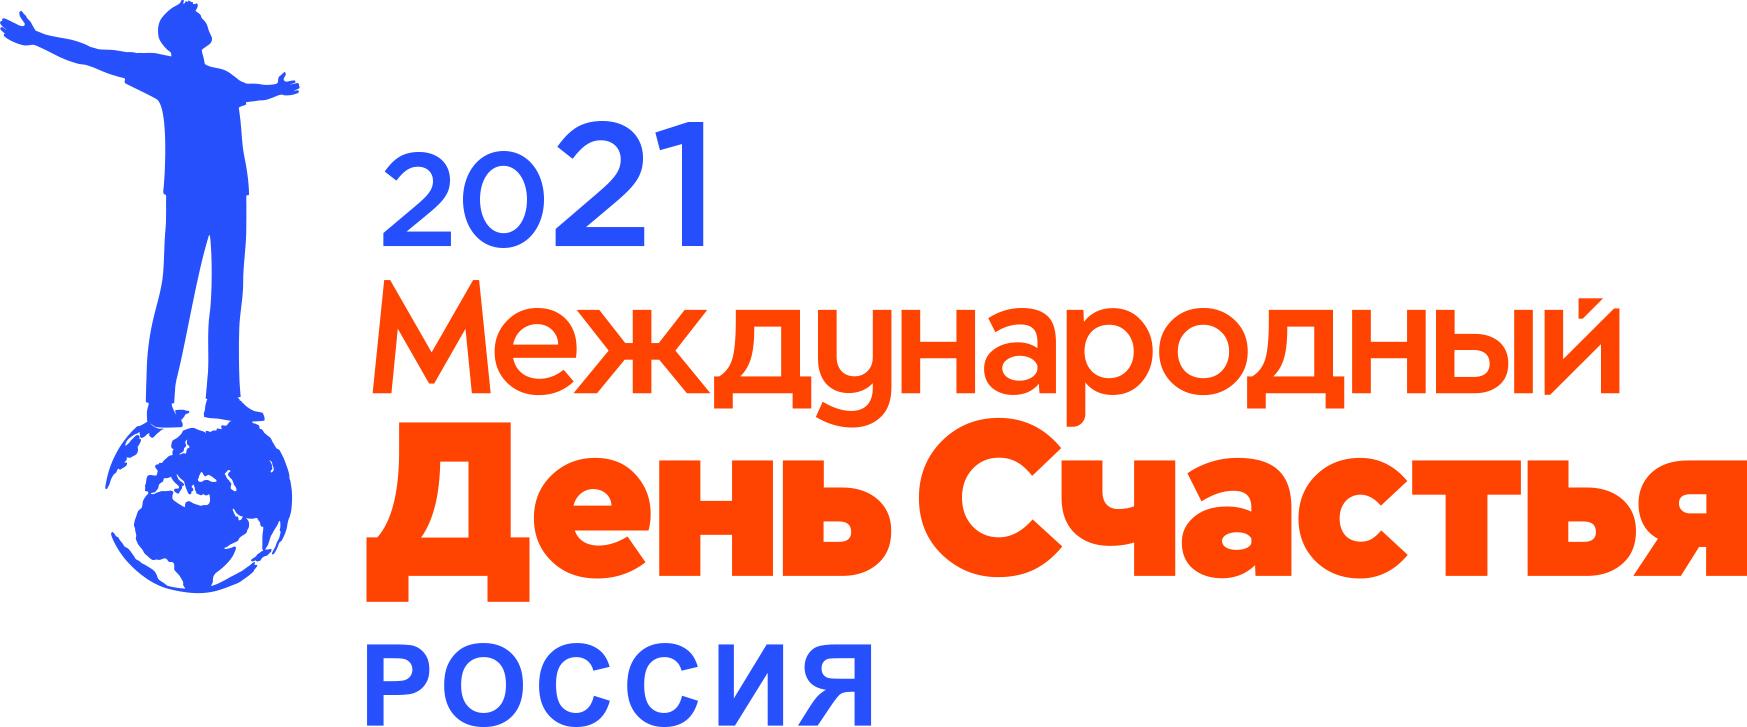 Международный день счастья 2021